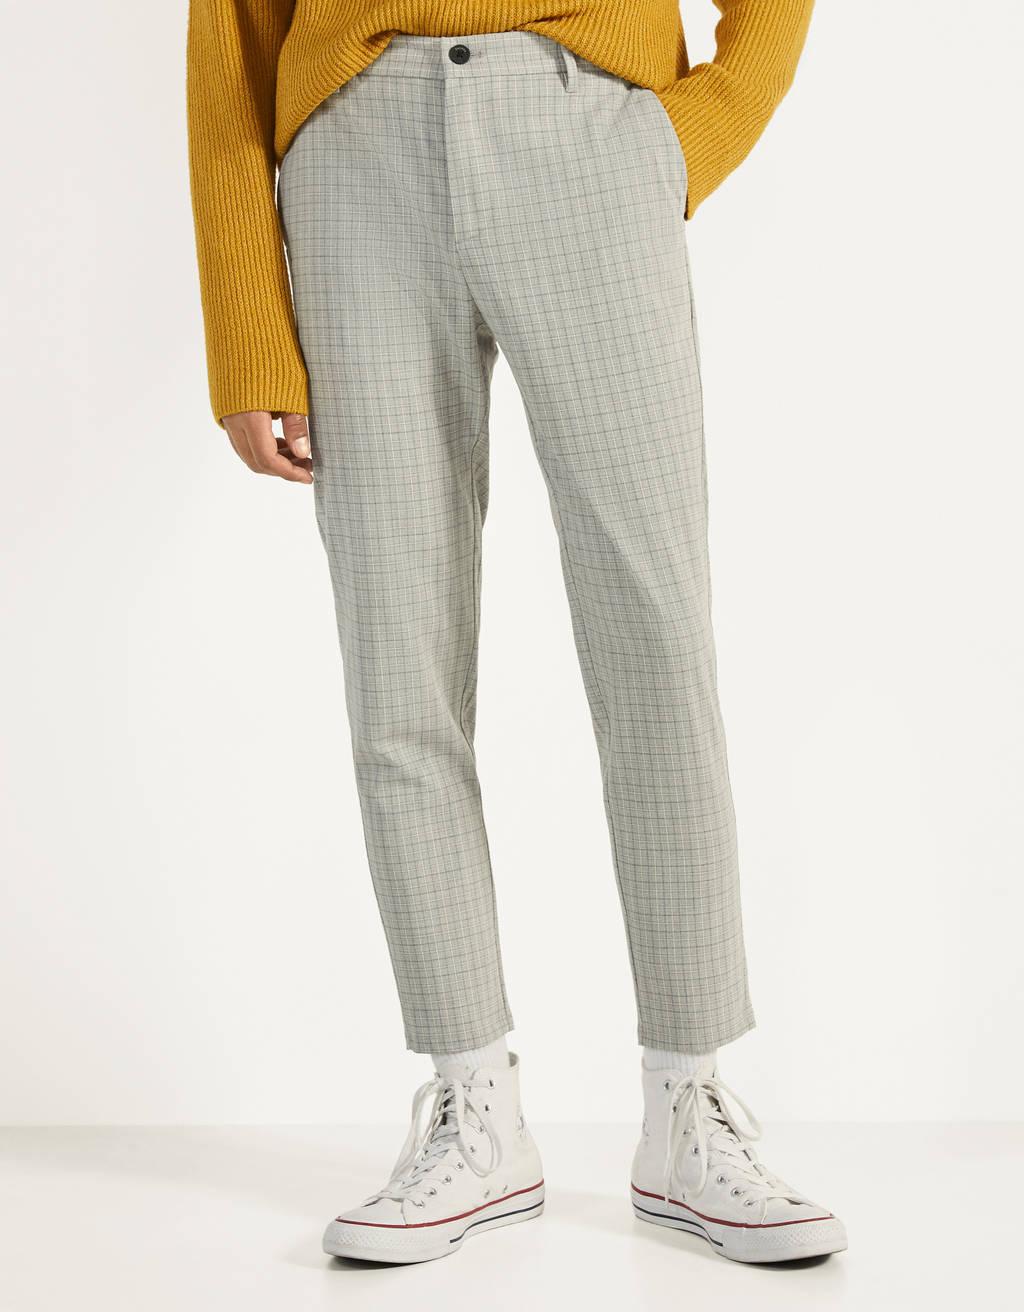 Pantalón tailoring de cuadros